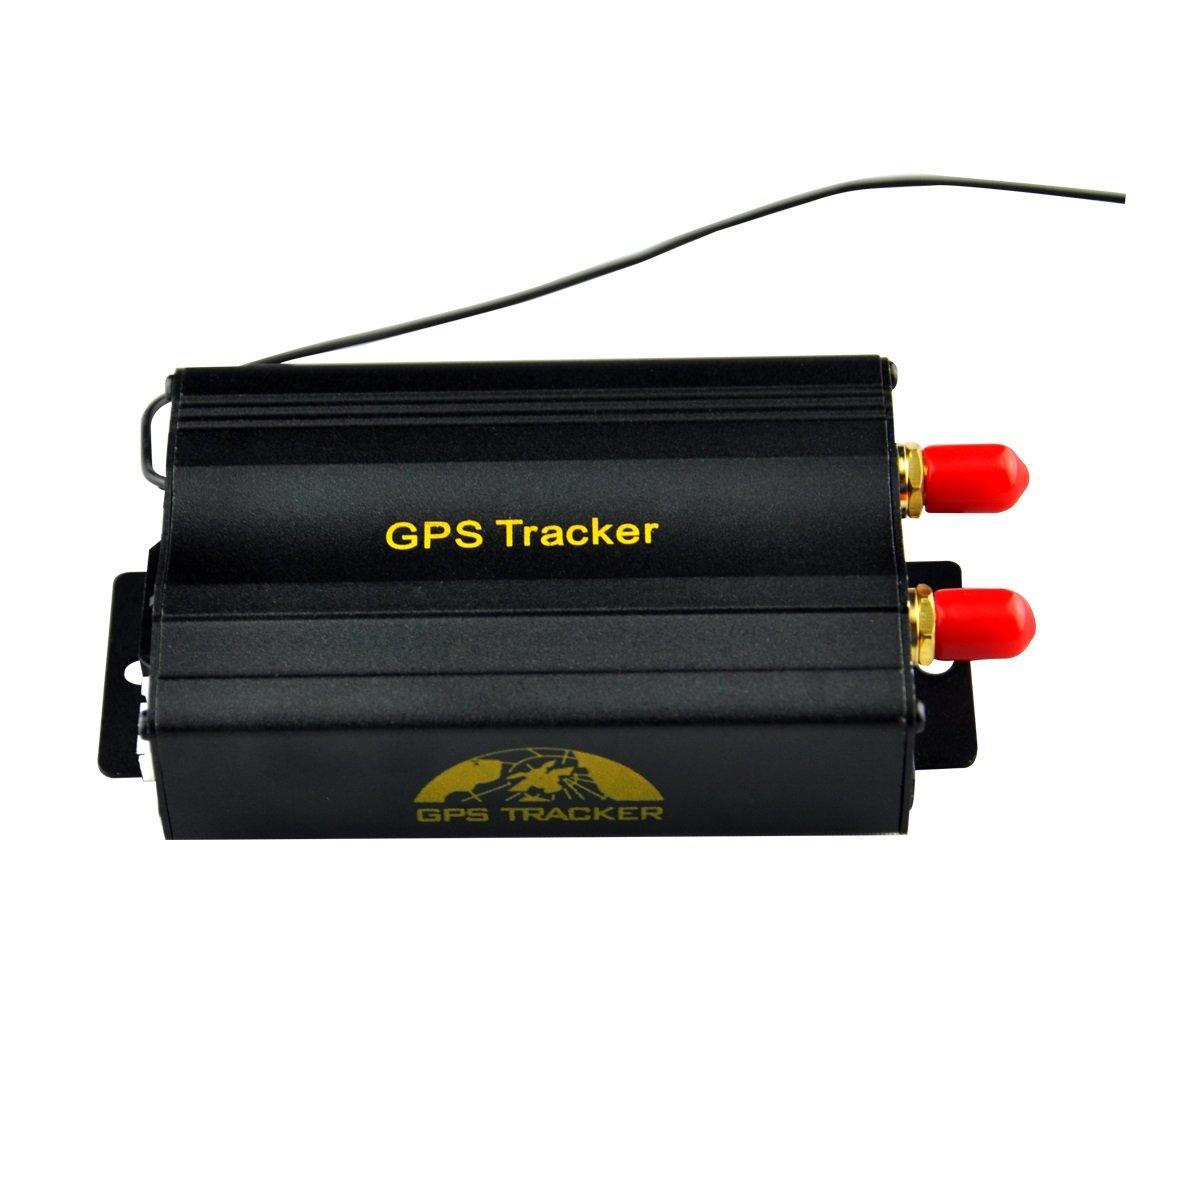 GPS localisateur de v/éhicules en temps Localisateur GPS Tracker GPS Tracker voiture Suivi de vehiculos trajectoire historique Tracker Localisateur GPS cl/ôture /électronique SOS pour aide